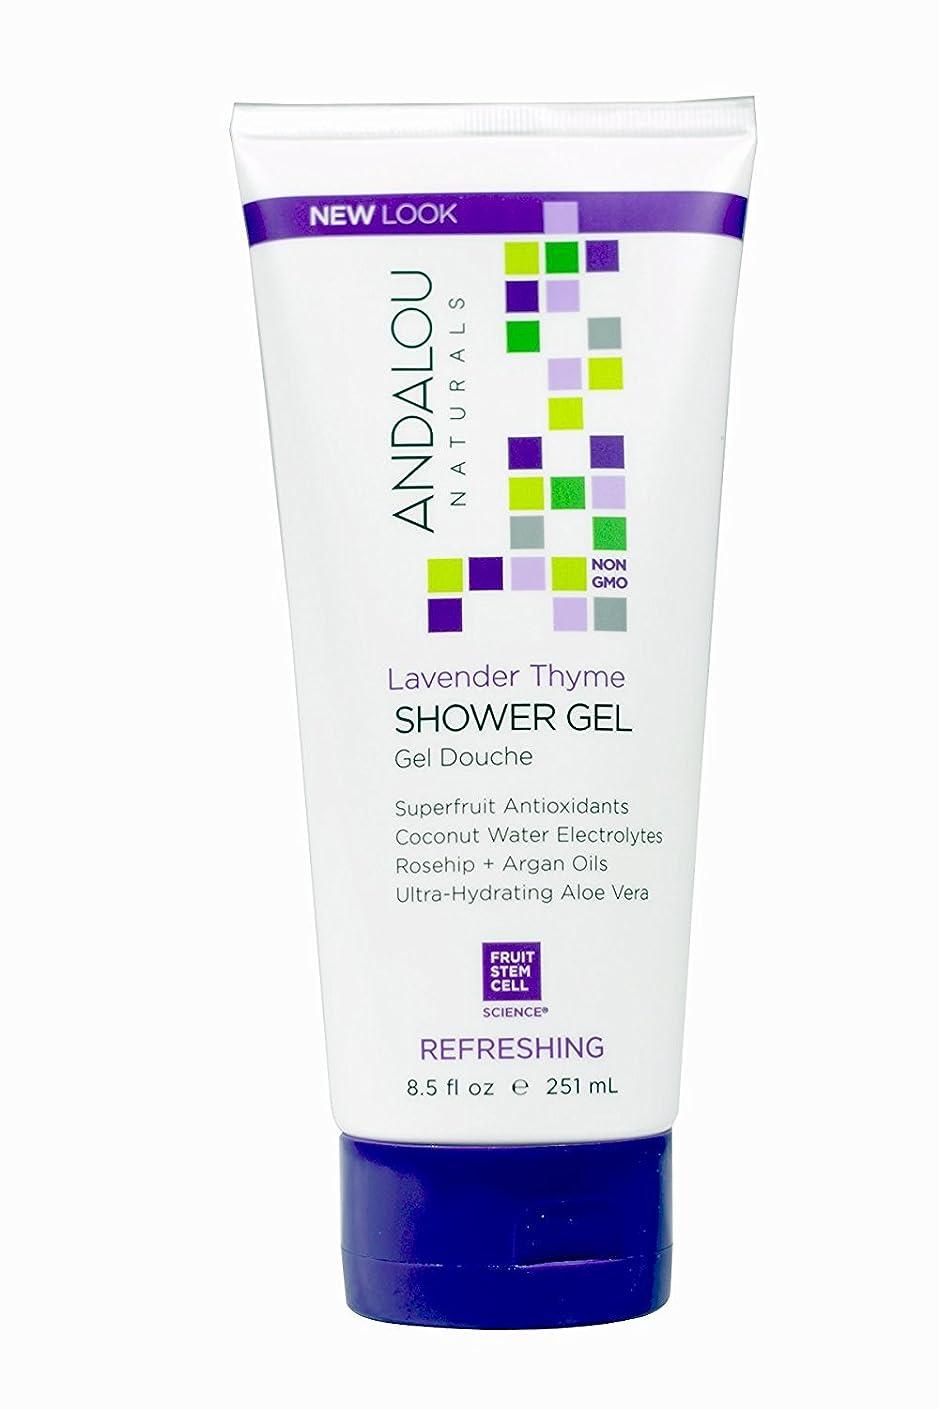 騒乱傀儡農業Andalou Naturals Shower Gel - Lavender Thyme Refreshing - 8.5 fl oz by Andalou Naturals